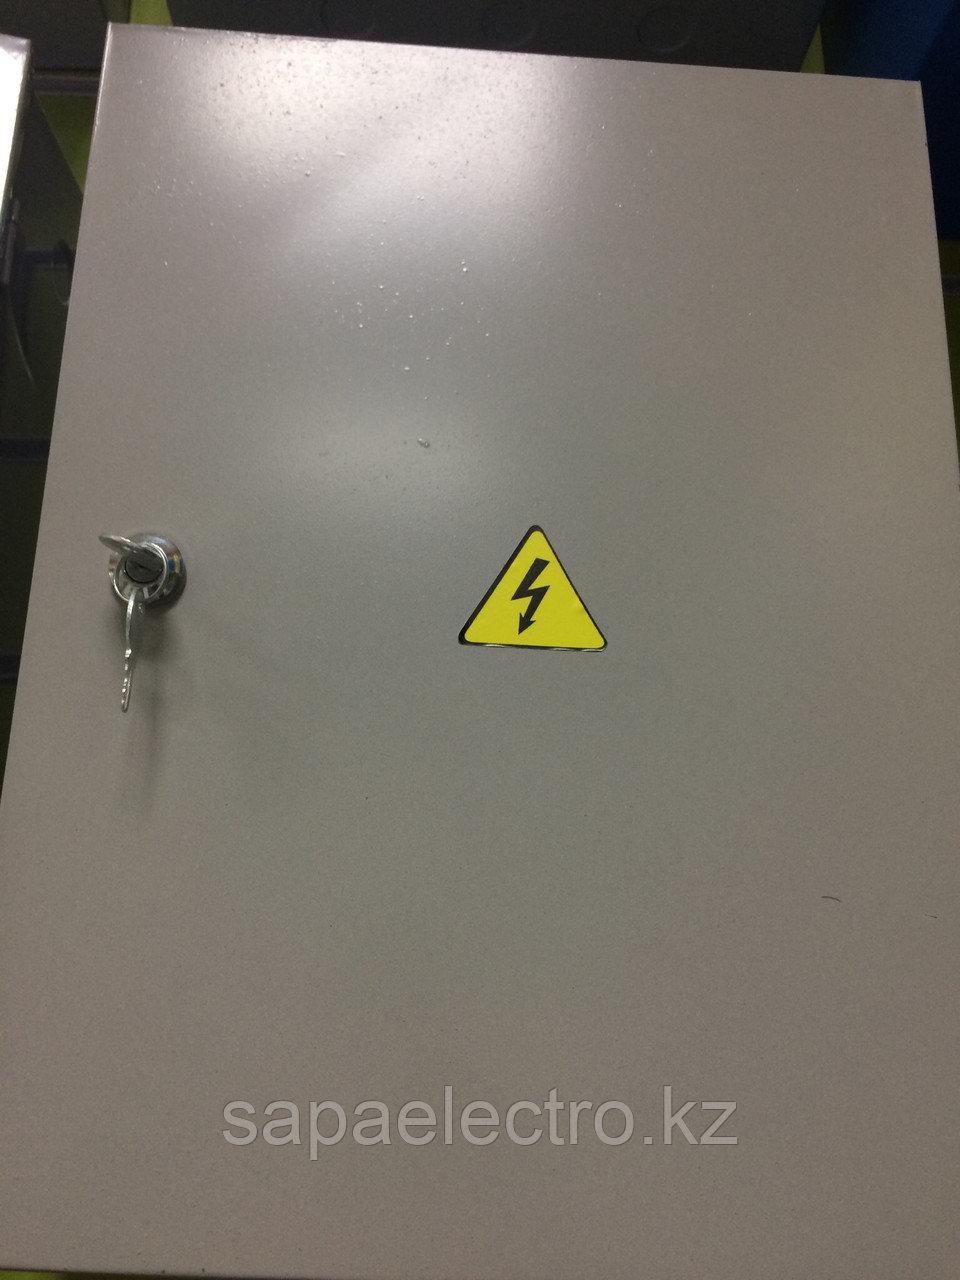 Сборка электросчетчик Номад\Орман 1 фазный 1 тарифный  щит эконом без окна